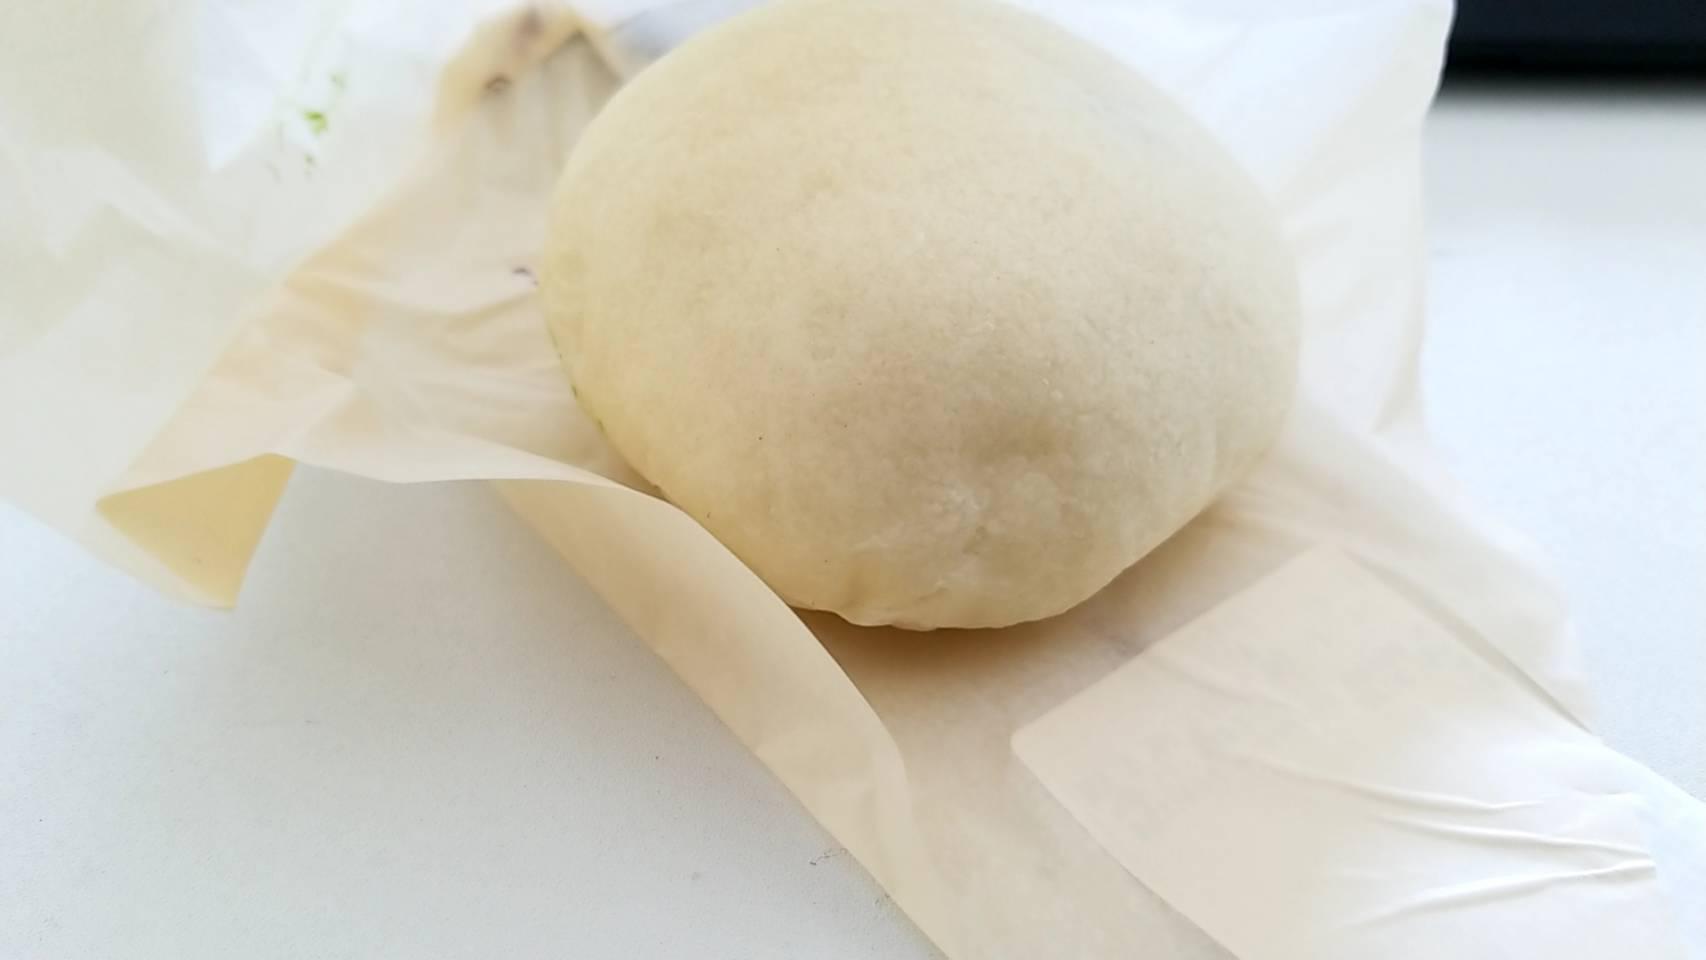 【枚方店】九十九堂期間限定抹茶クリームパン食べてみました♬ (枚方市)